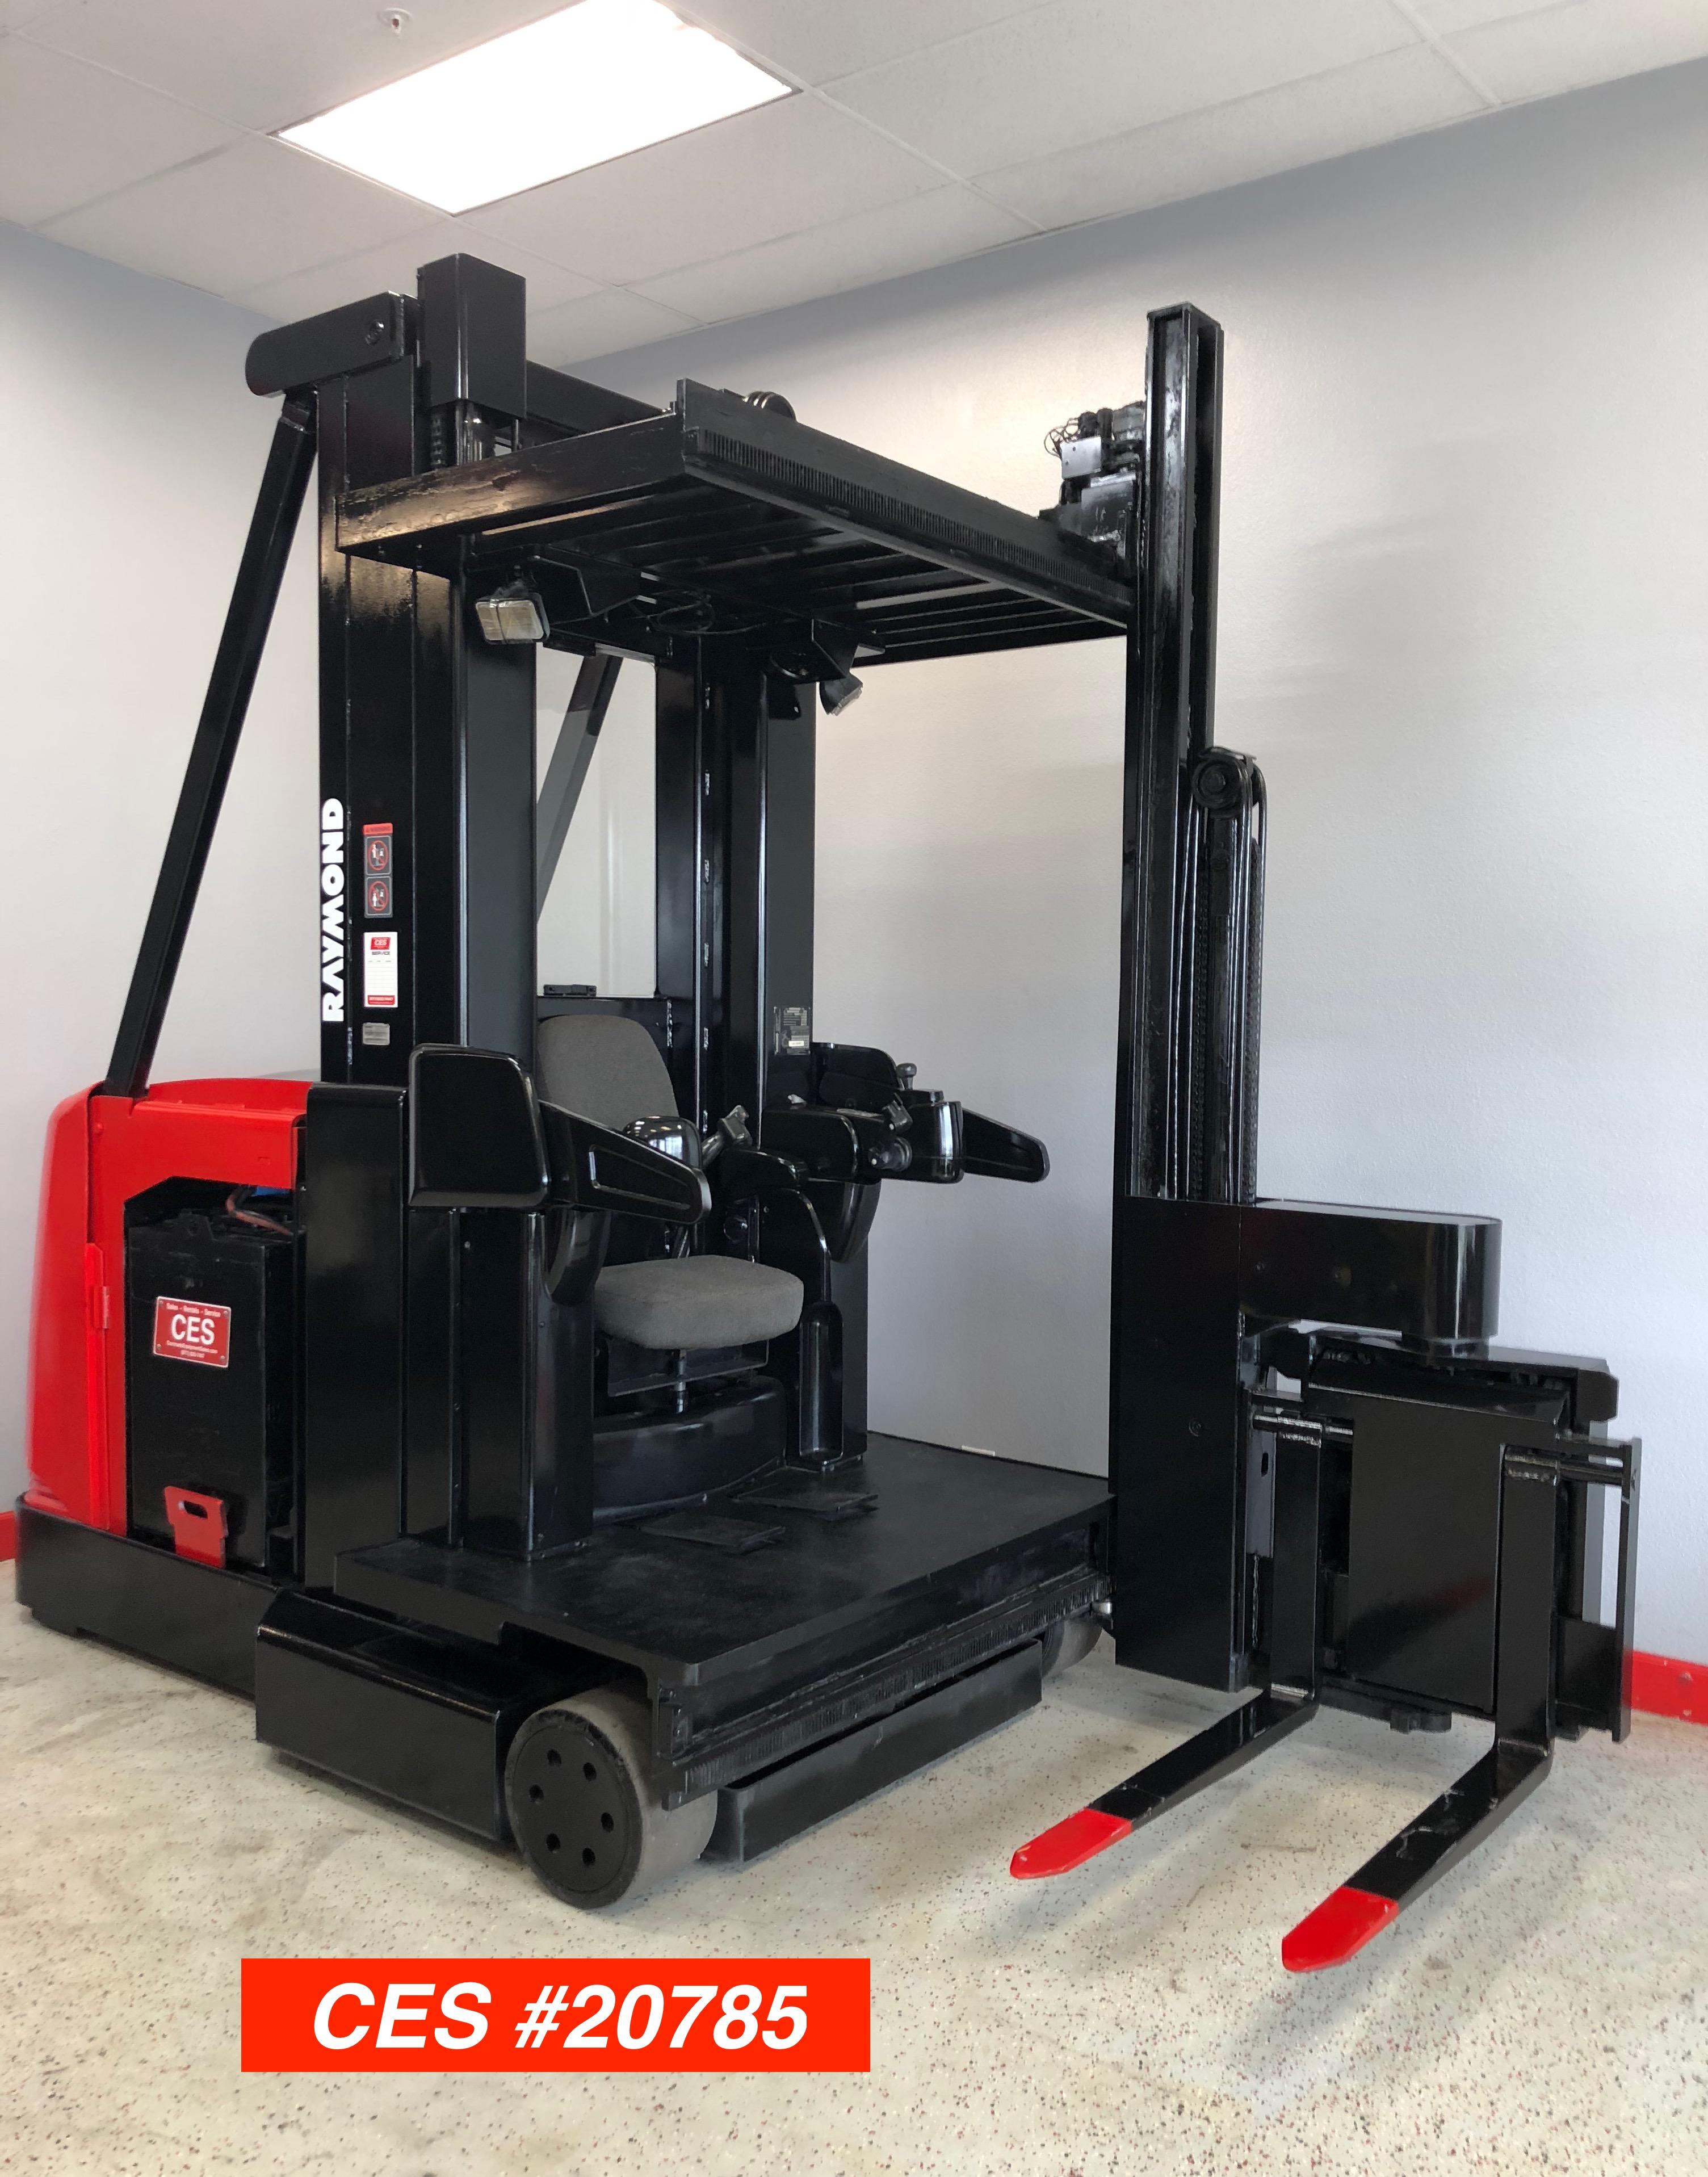 Forklift swinger